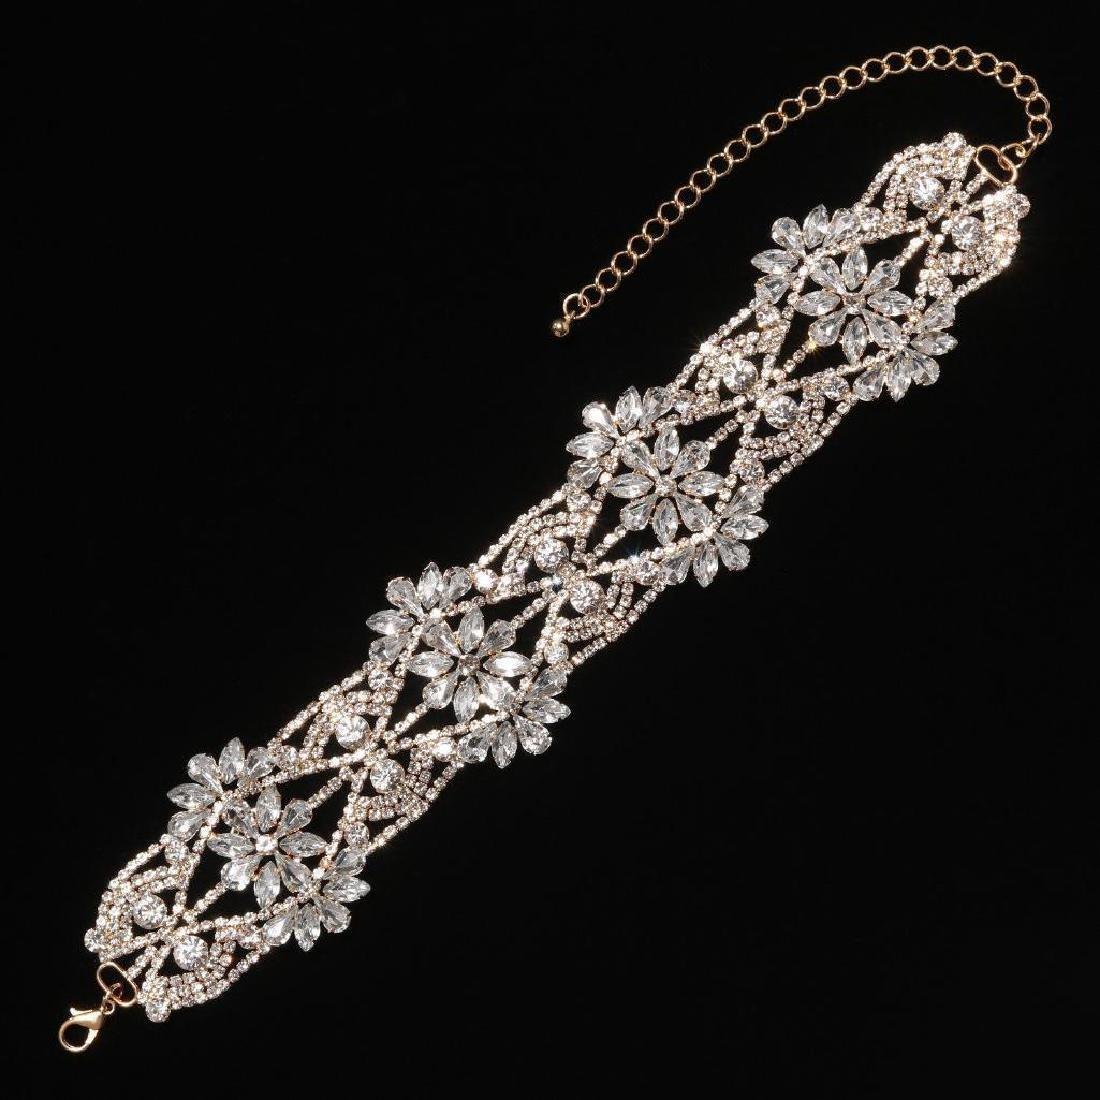 Holylove Rhinestone Crystal Charm Wide Collar Bib - 3